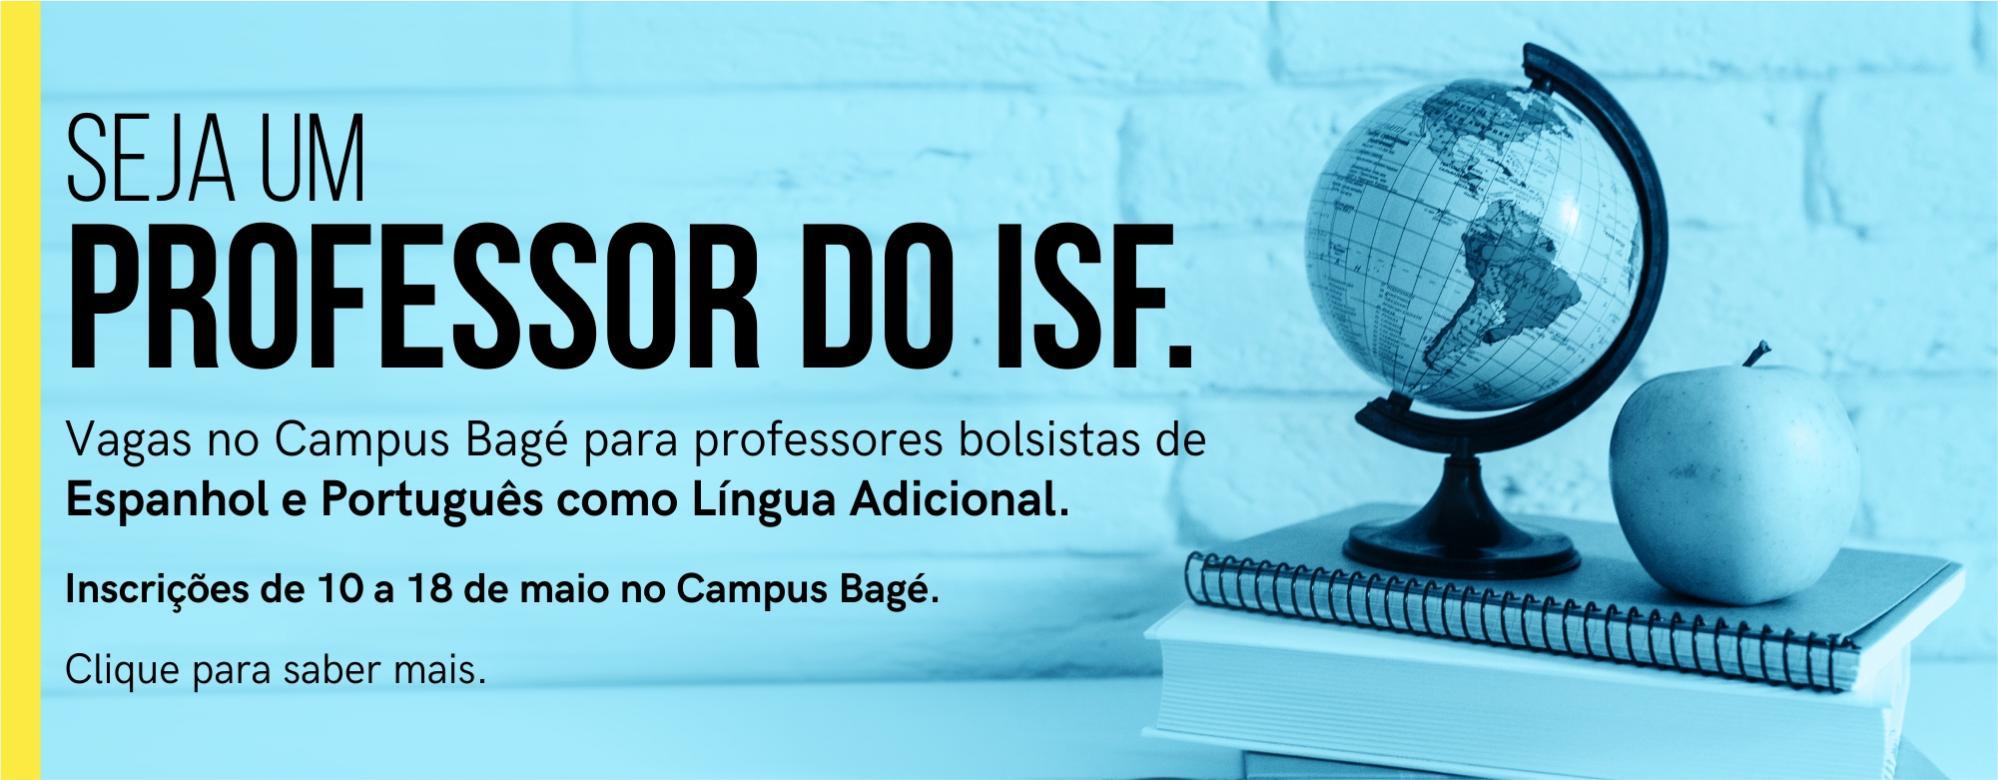 Anúncio da seleção de professores bolsistas de Espanhol e português como língua adicional